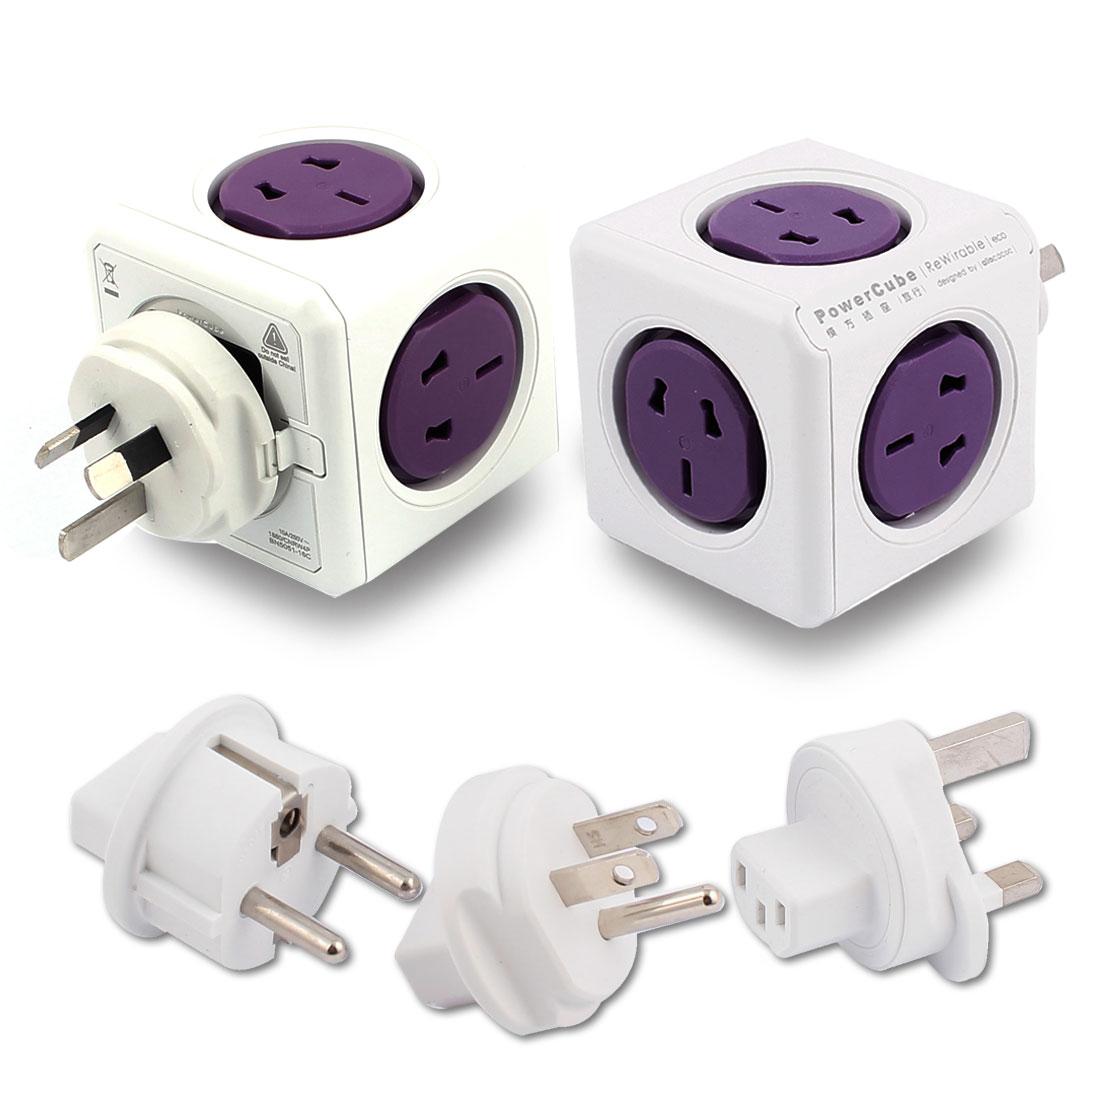 AC 100V-250V AU EU UK US Plug Desktop Cubic Travel 5 Power AU US Sockets Violet